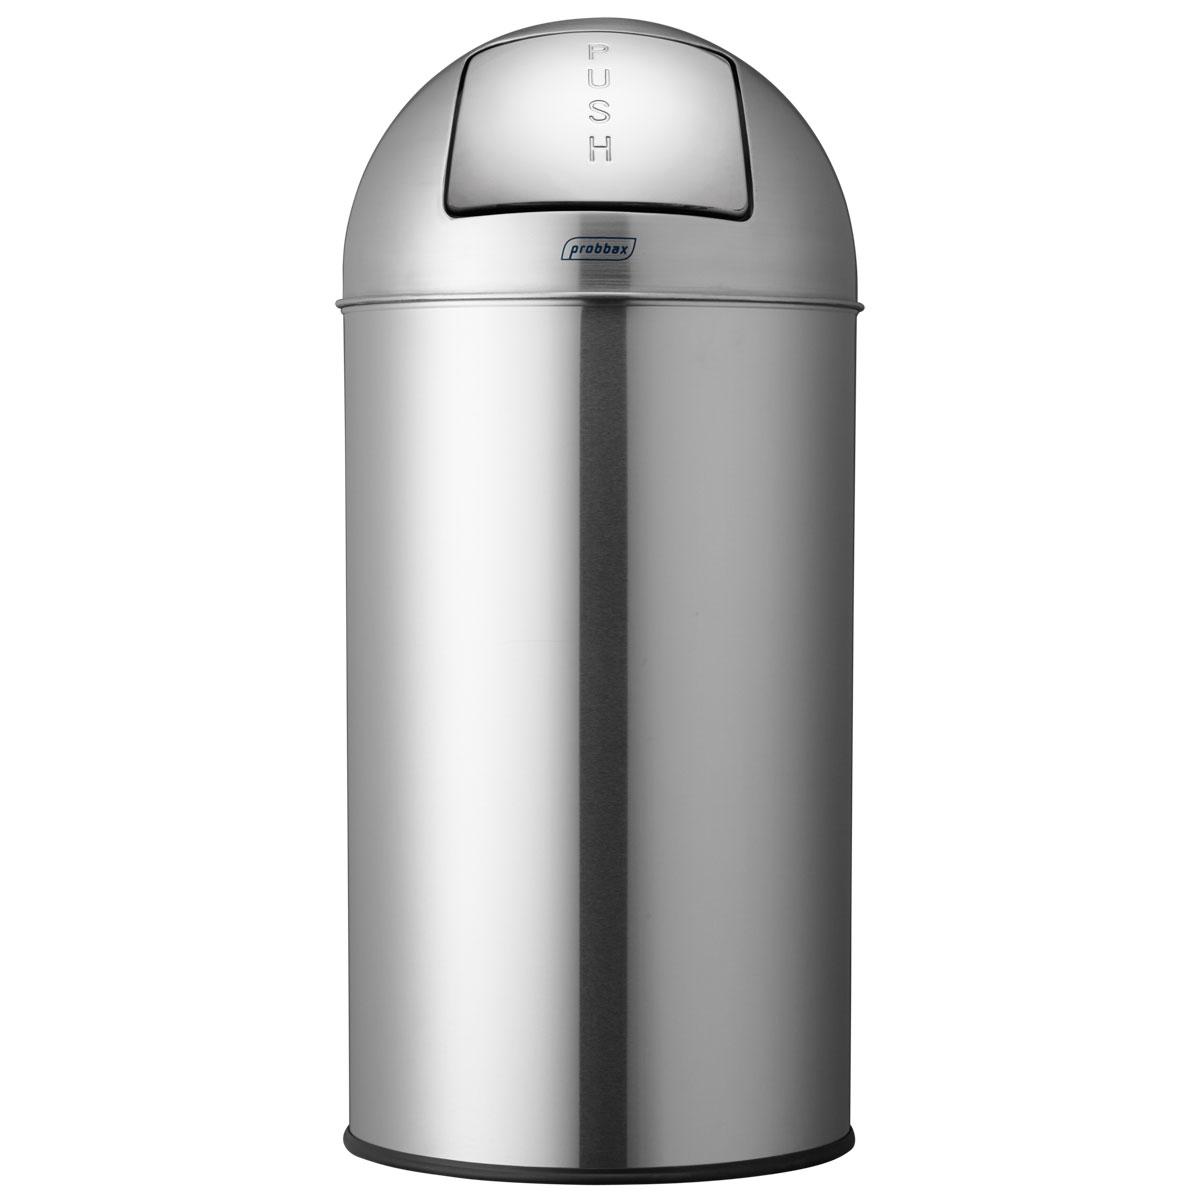 【アウトレット特価】ゴミ箱 プロバックス プッシュビン ダストボックス 業務用 ごみ箱 probbax ゴミ箱 PUSH BIN マットステンレス【返品不可】